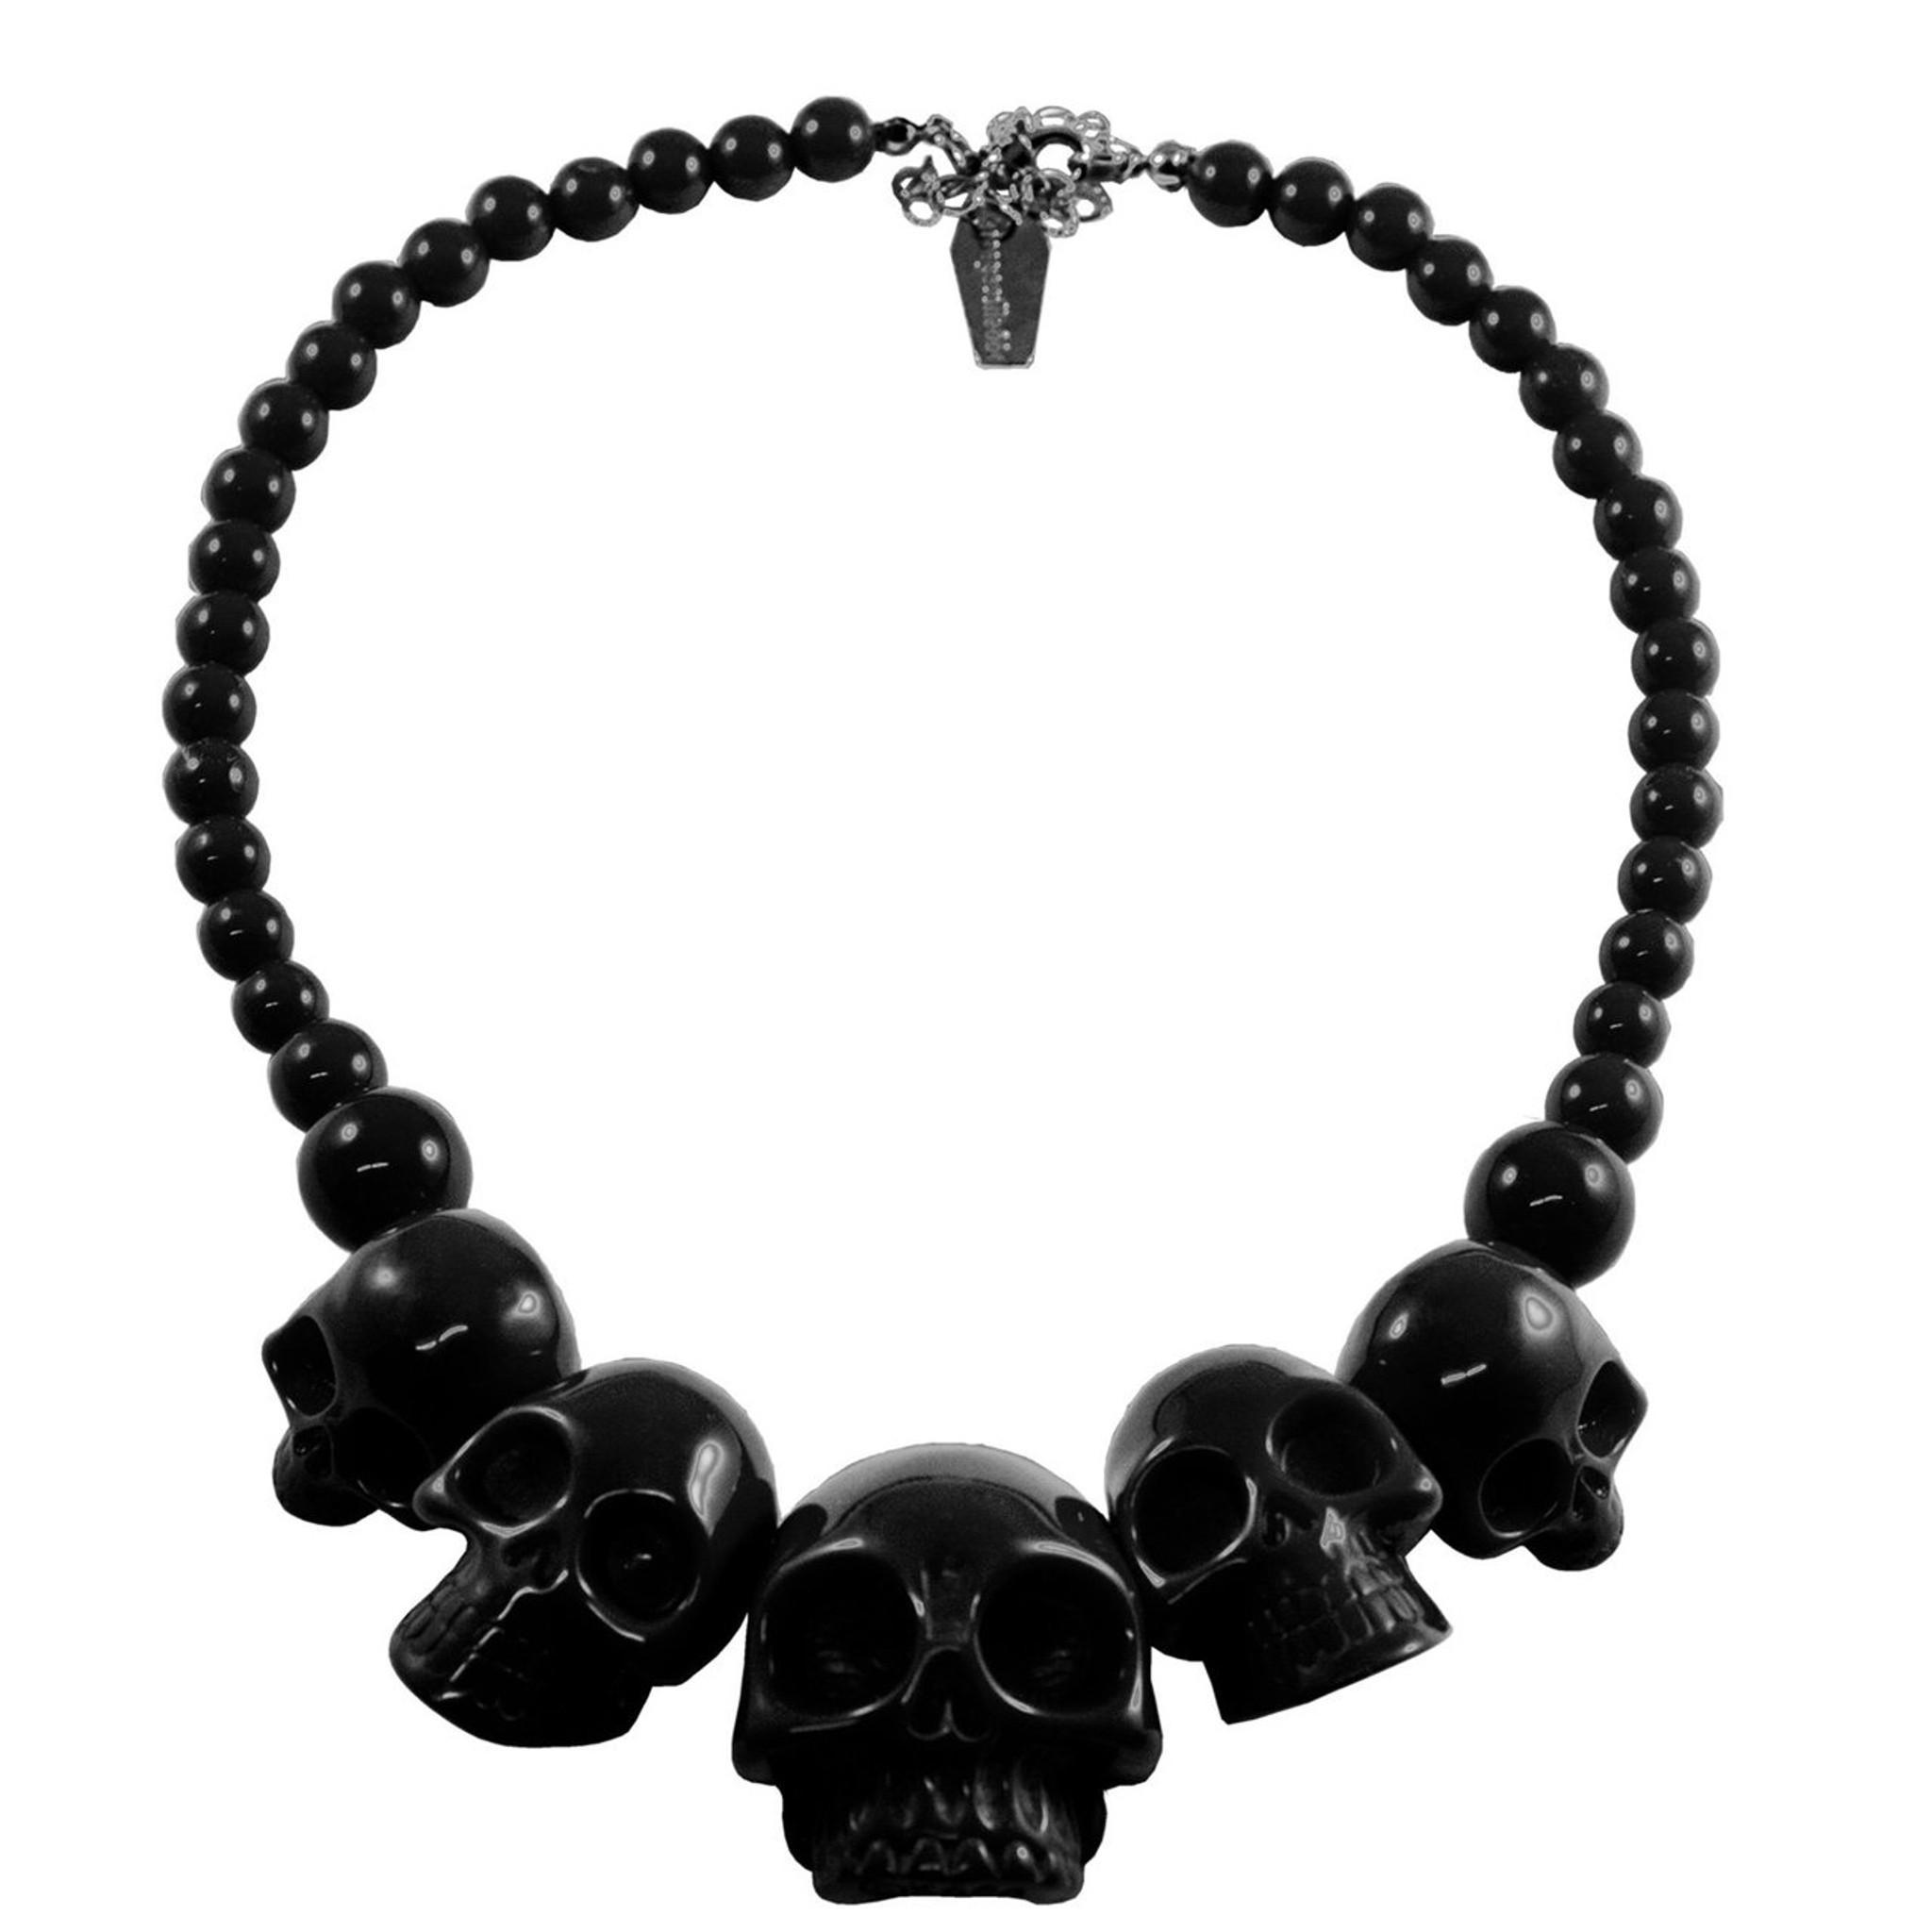 Black skull necklace